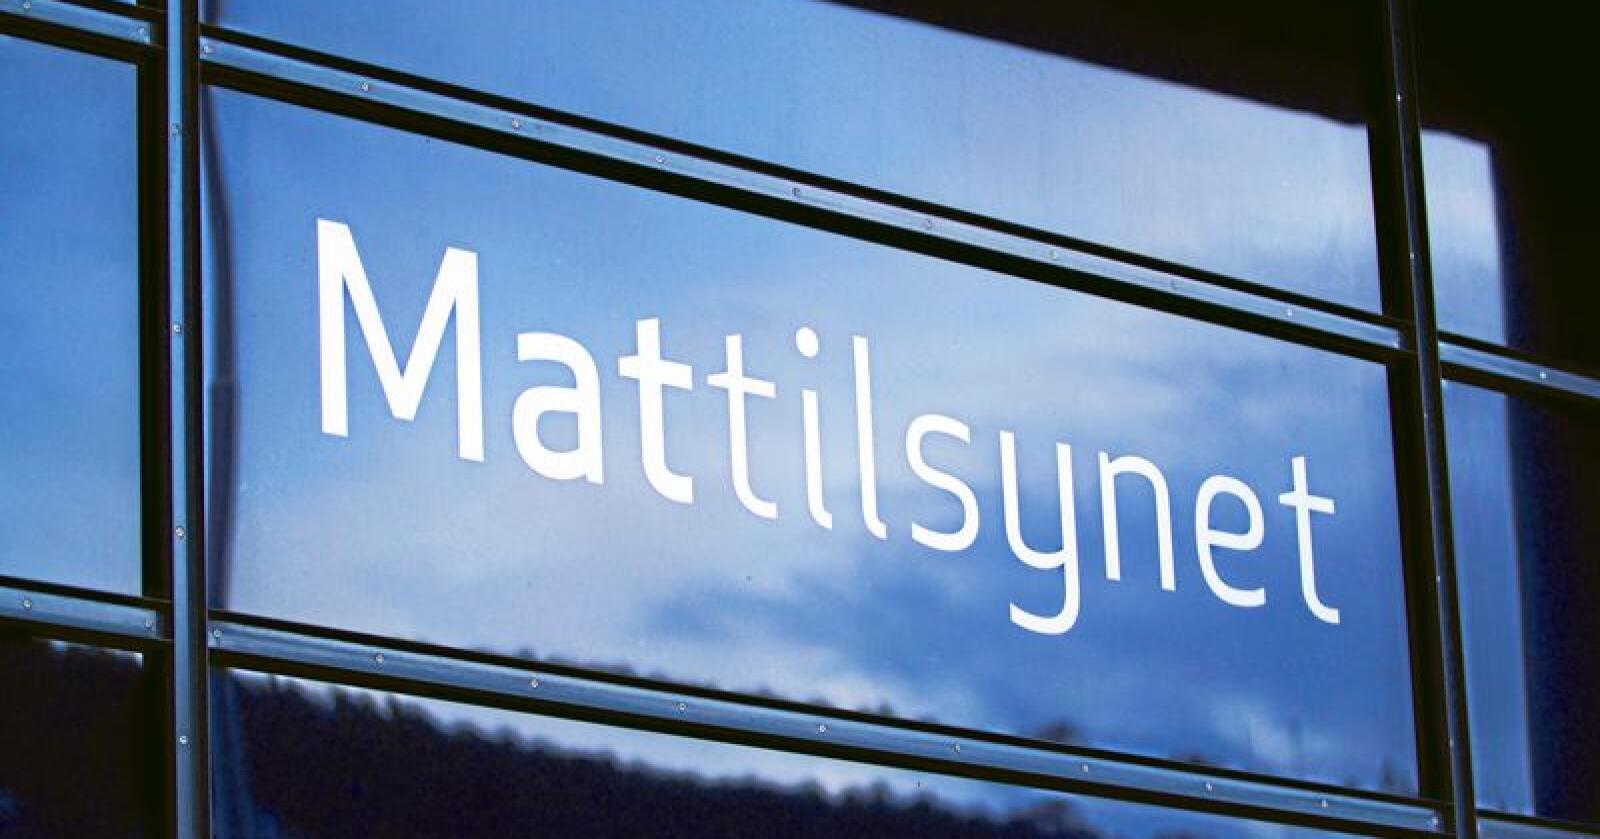 Mattilsynet har de siste dagene fått hard medfart, etter avsløringer om feilaktige rapporter fra en pelsfarm. Foto: Mostphotos